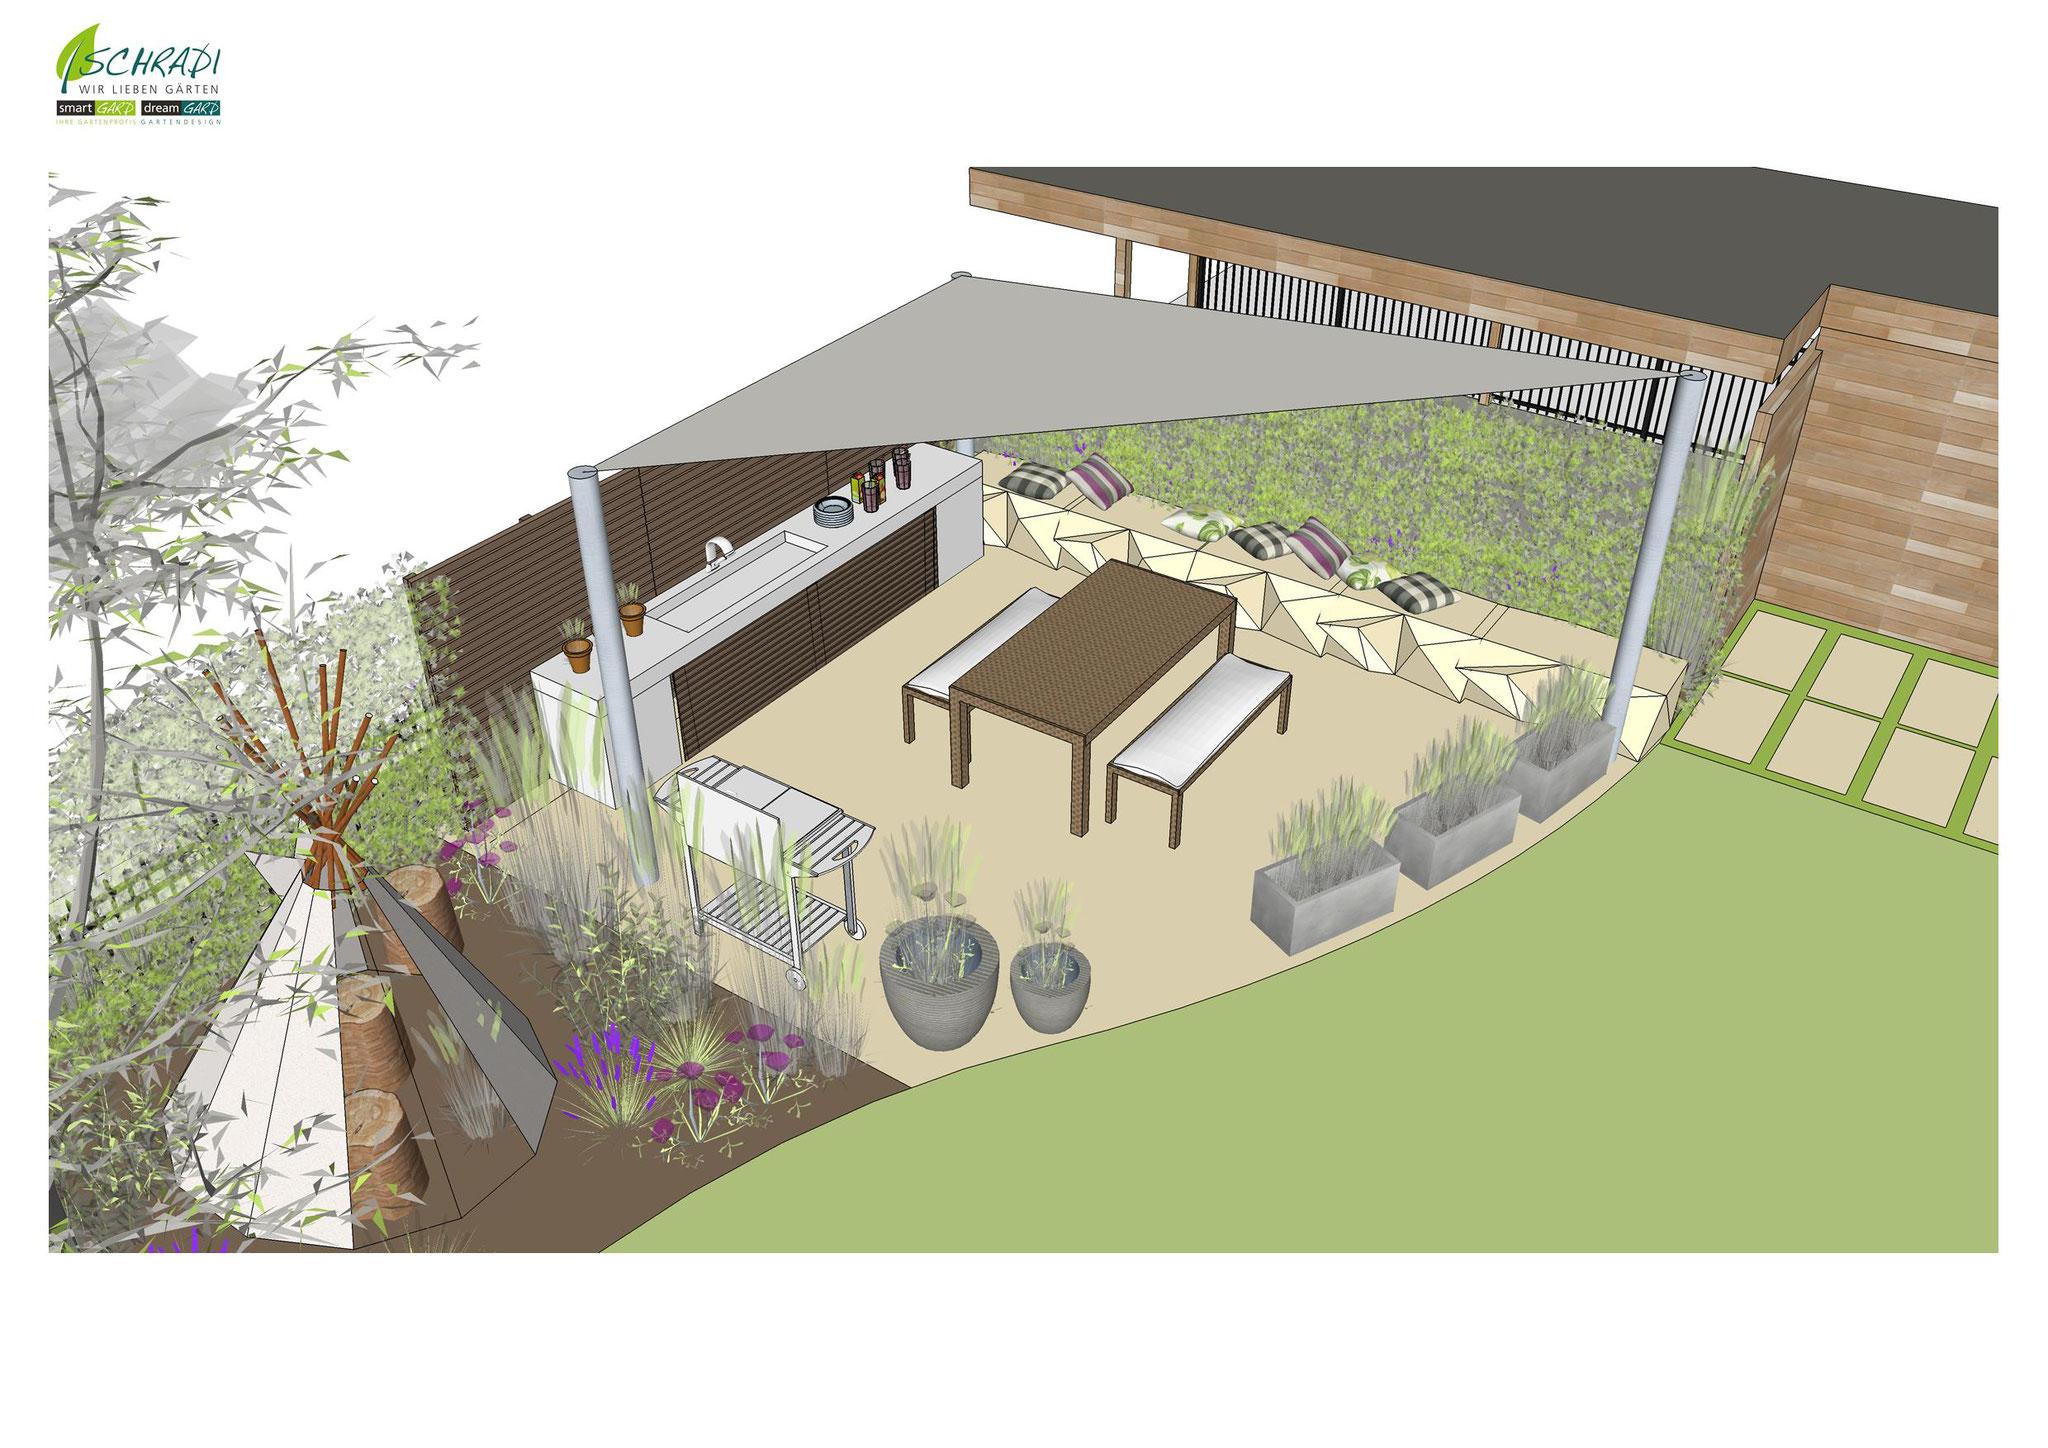 Garten in 3 D dargestellt für eine bessere Vorstellung Ihres Gartens